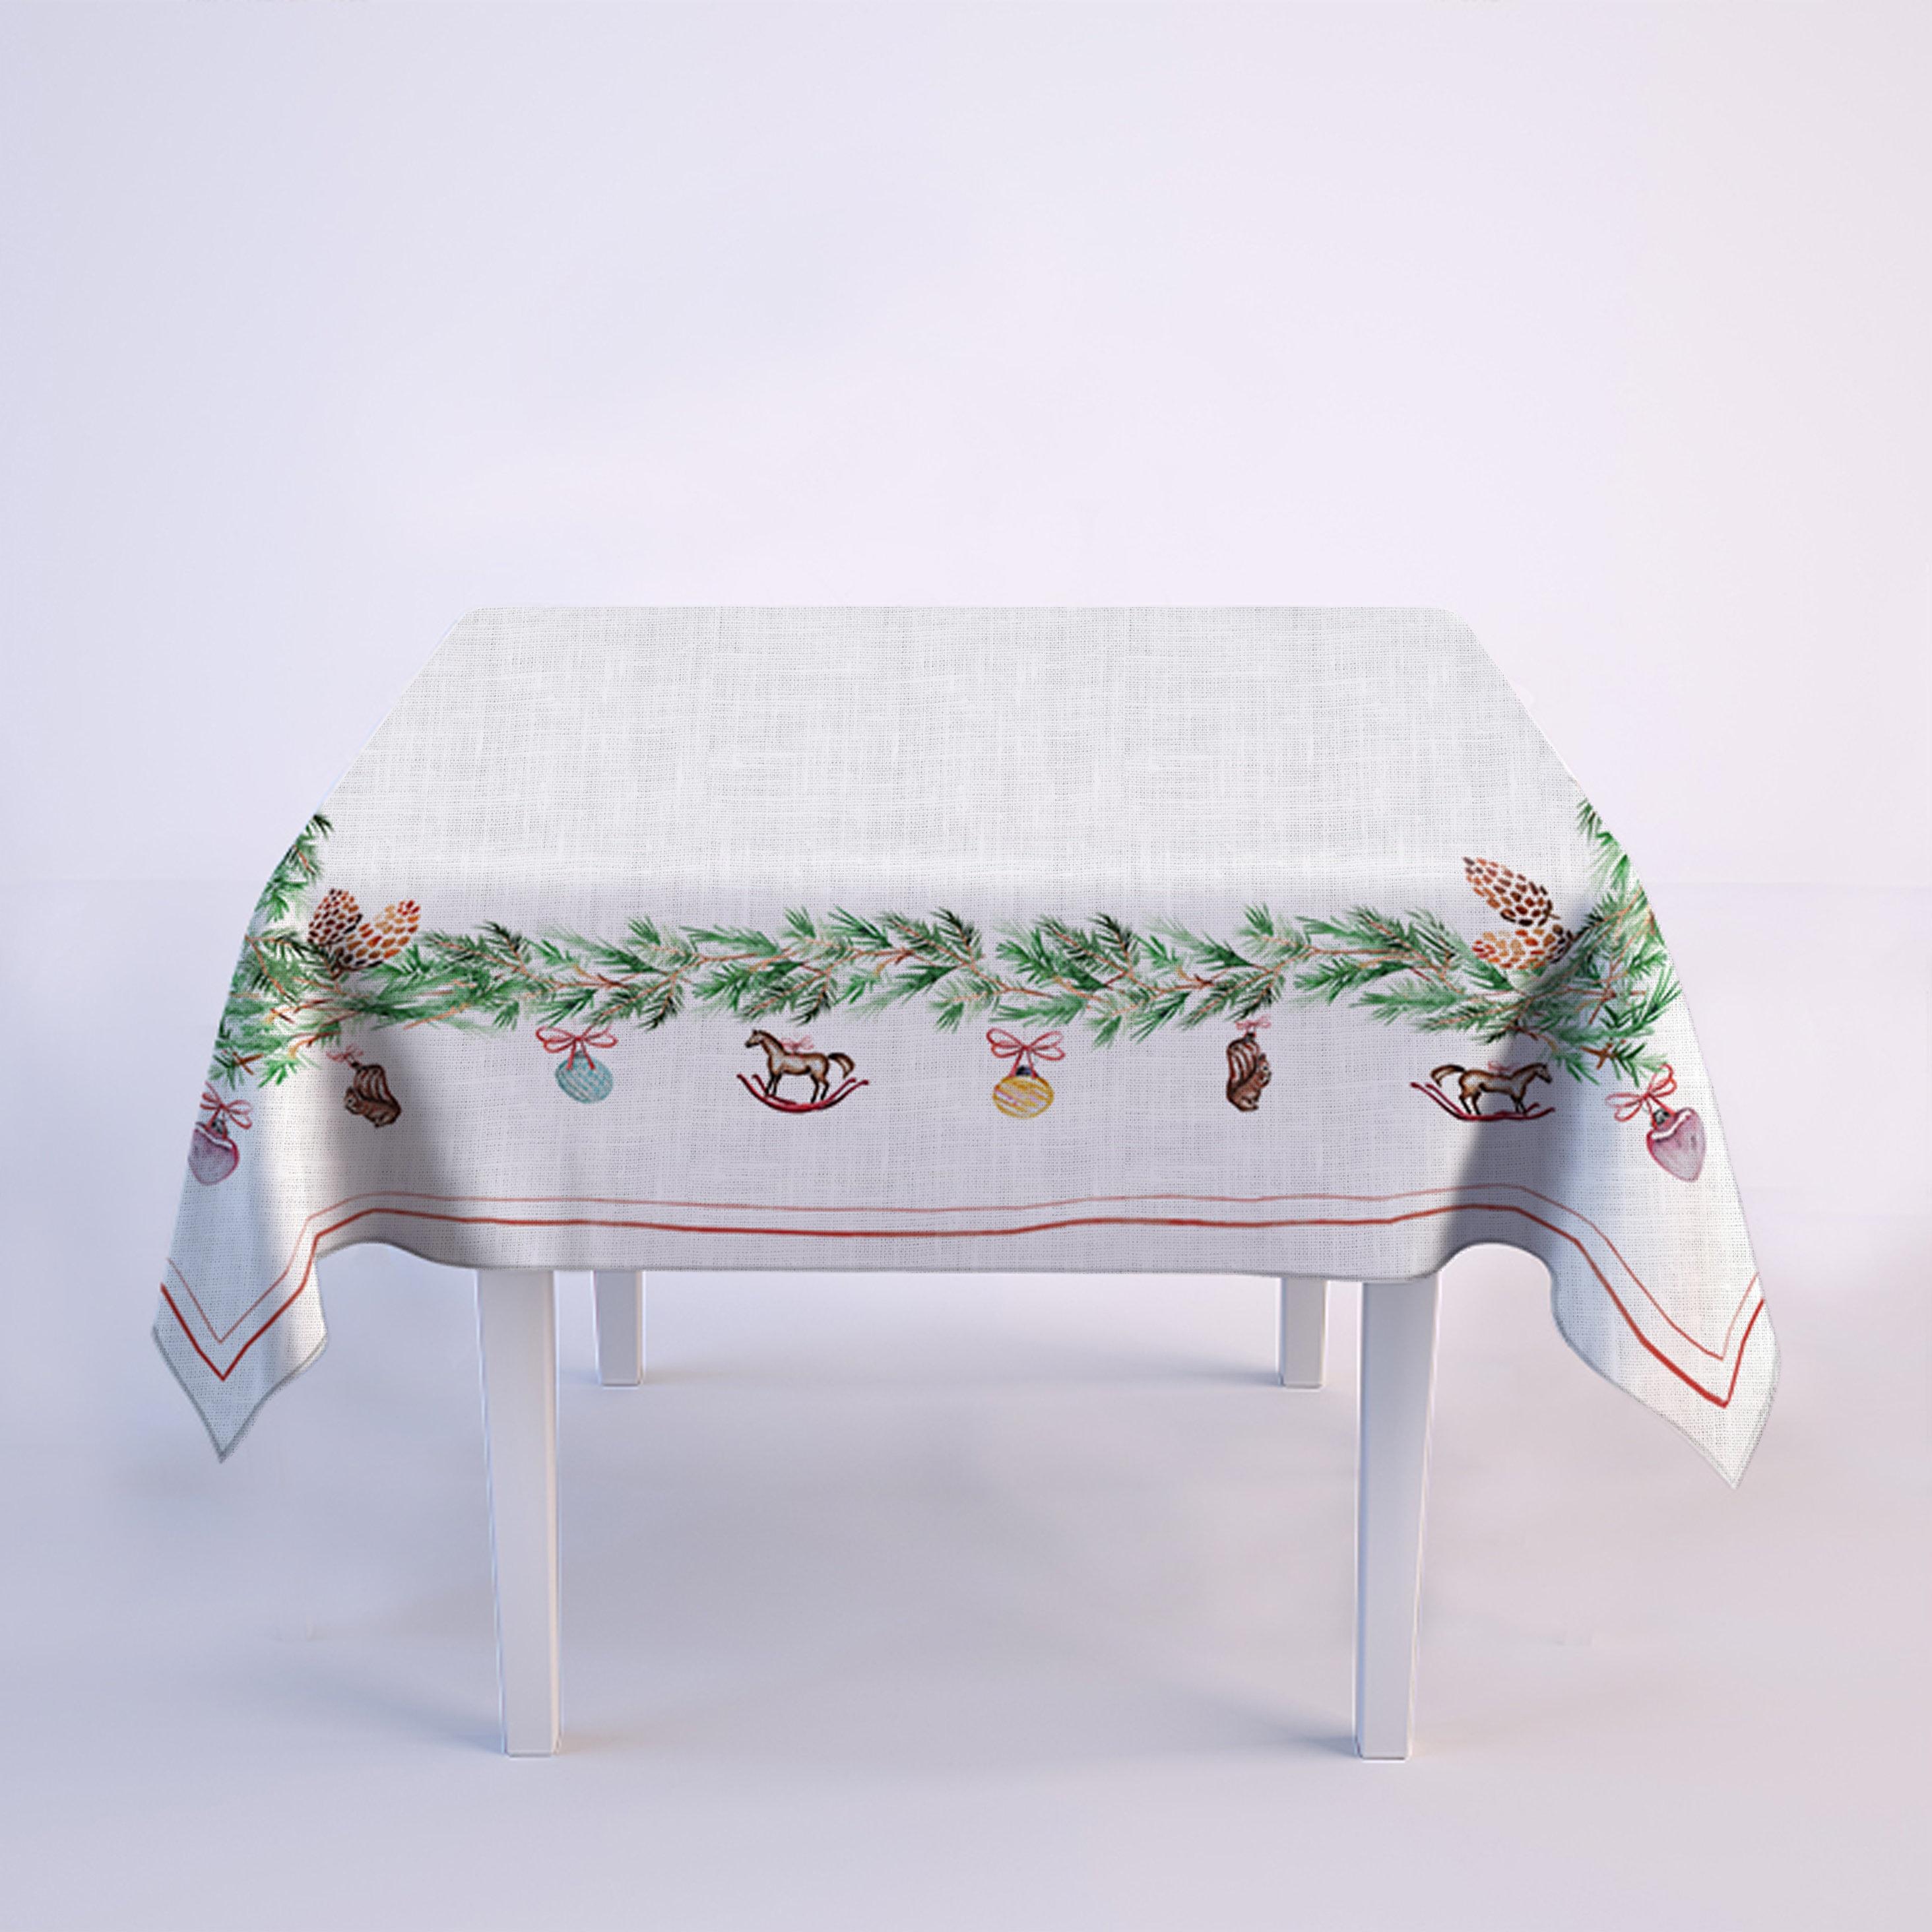 Linen tablecloth, farmhouse decor, vintage Christmas, gift idea ...